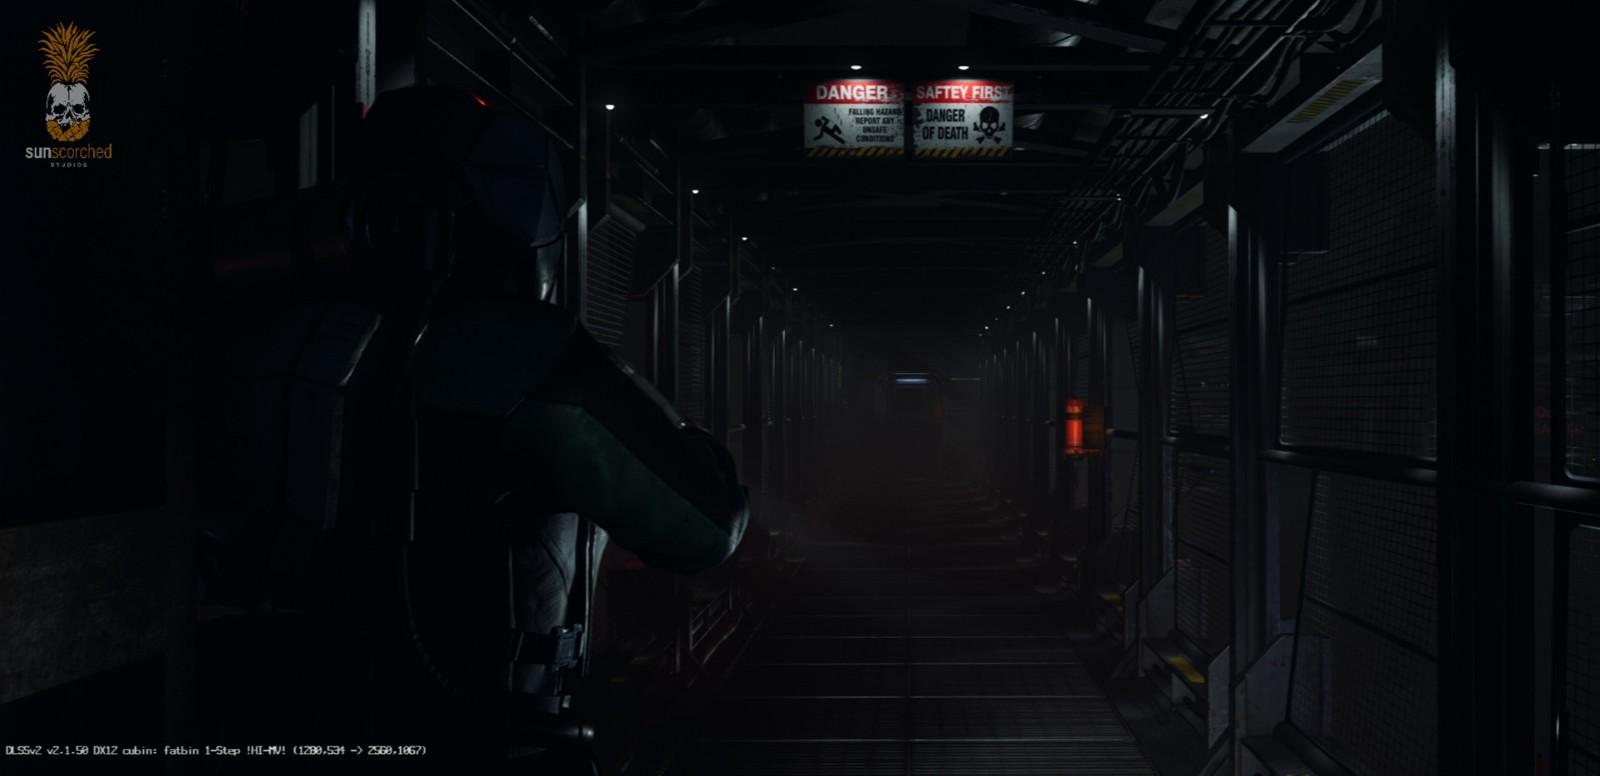 恐怖游戏《消极氛围》预告 灵感源于《死亡空间》